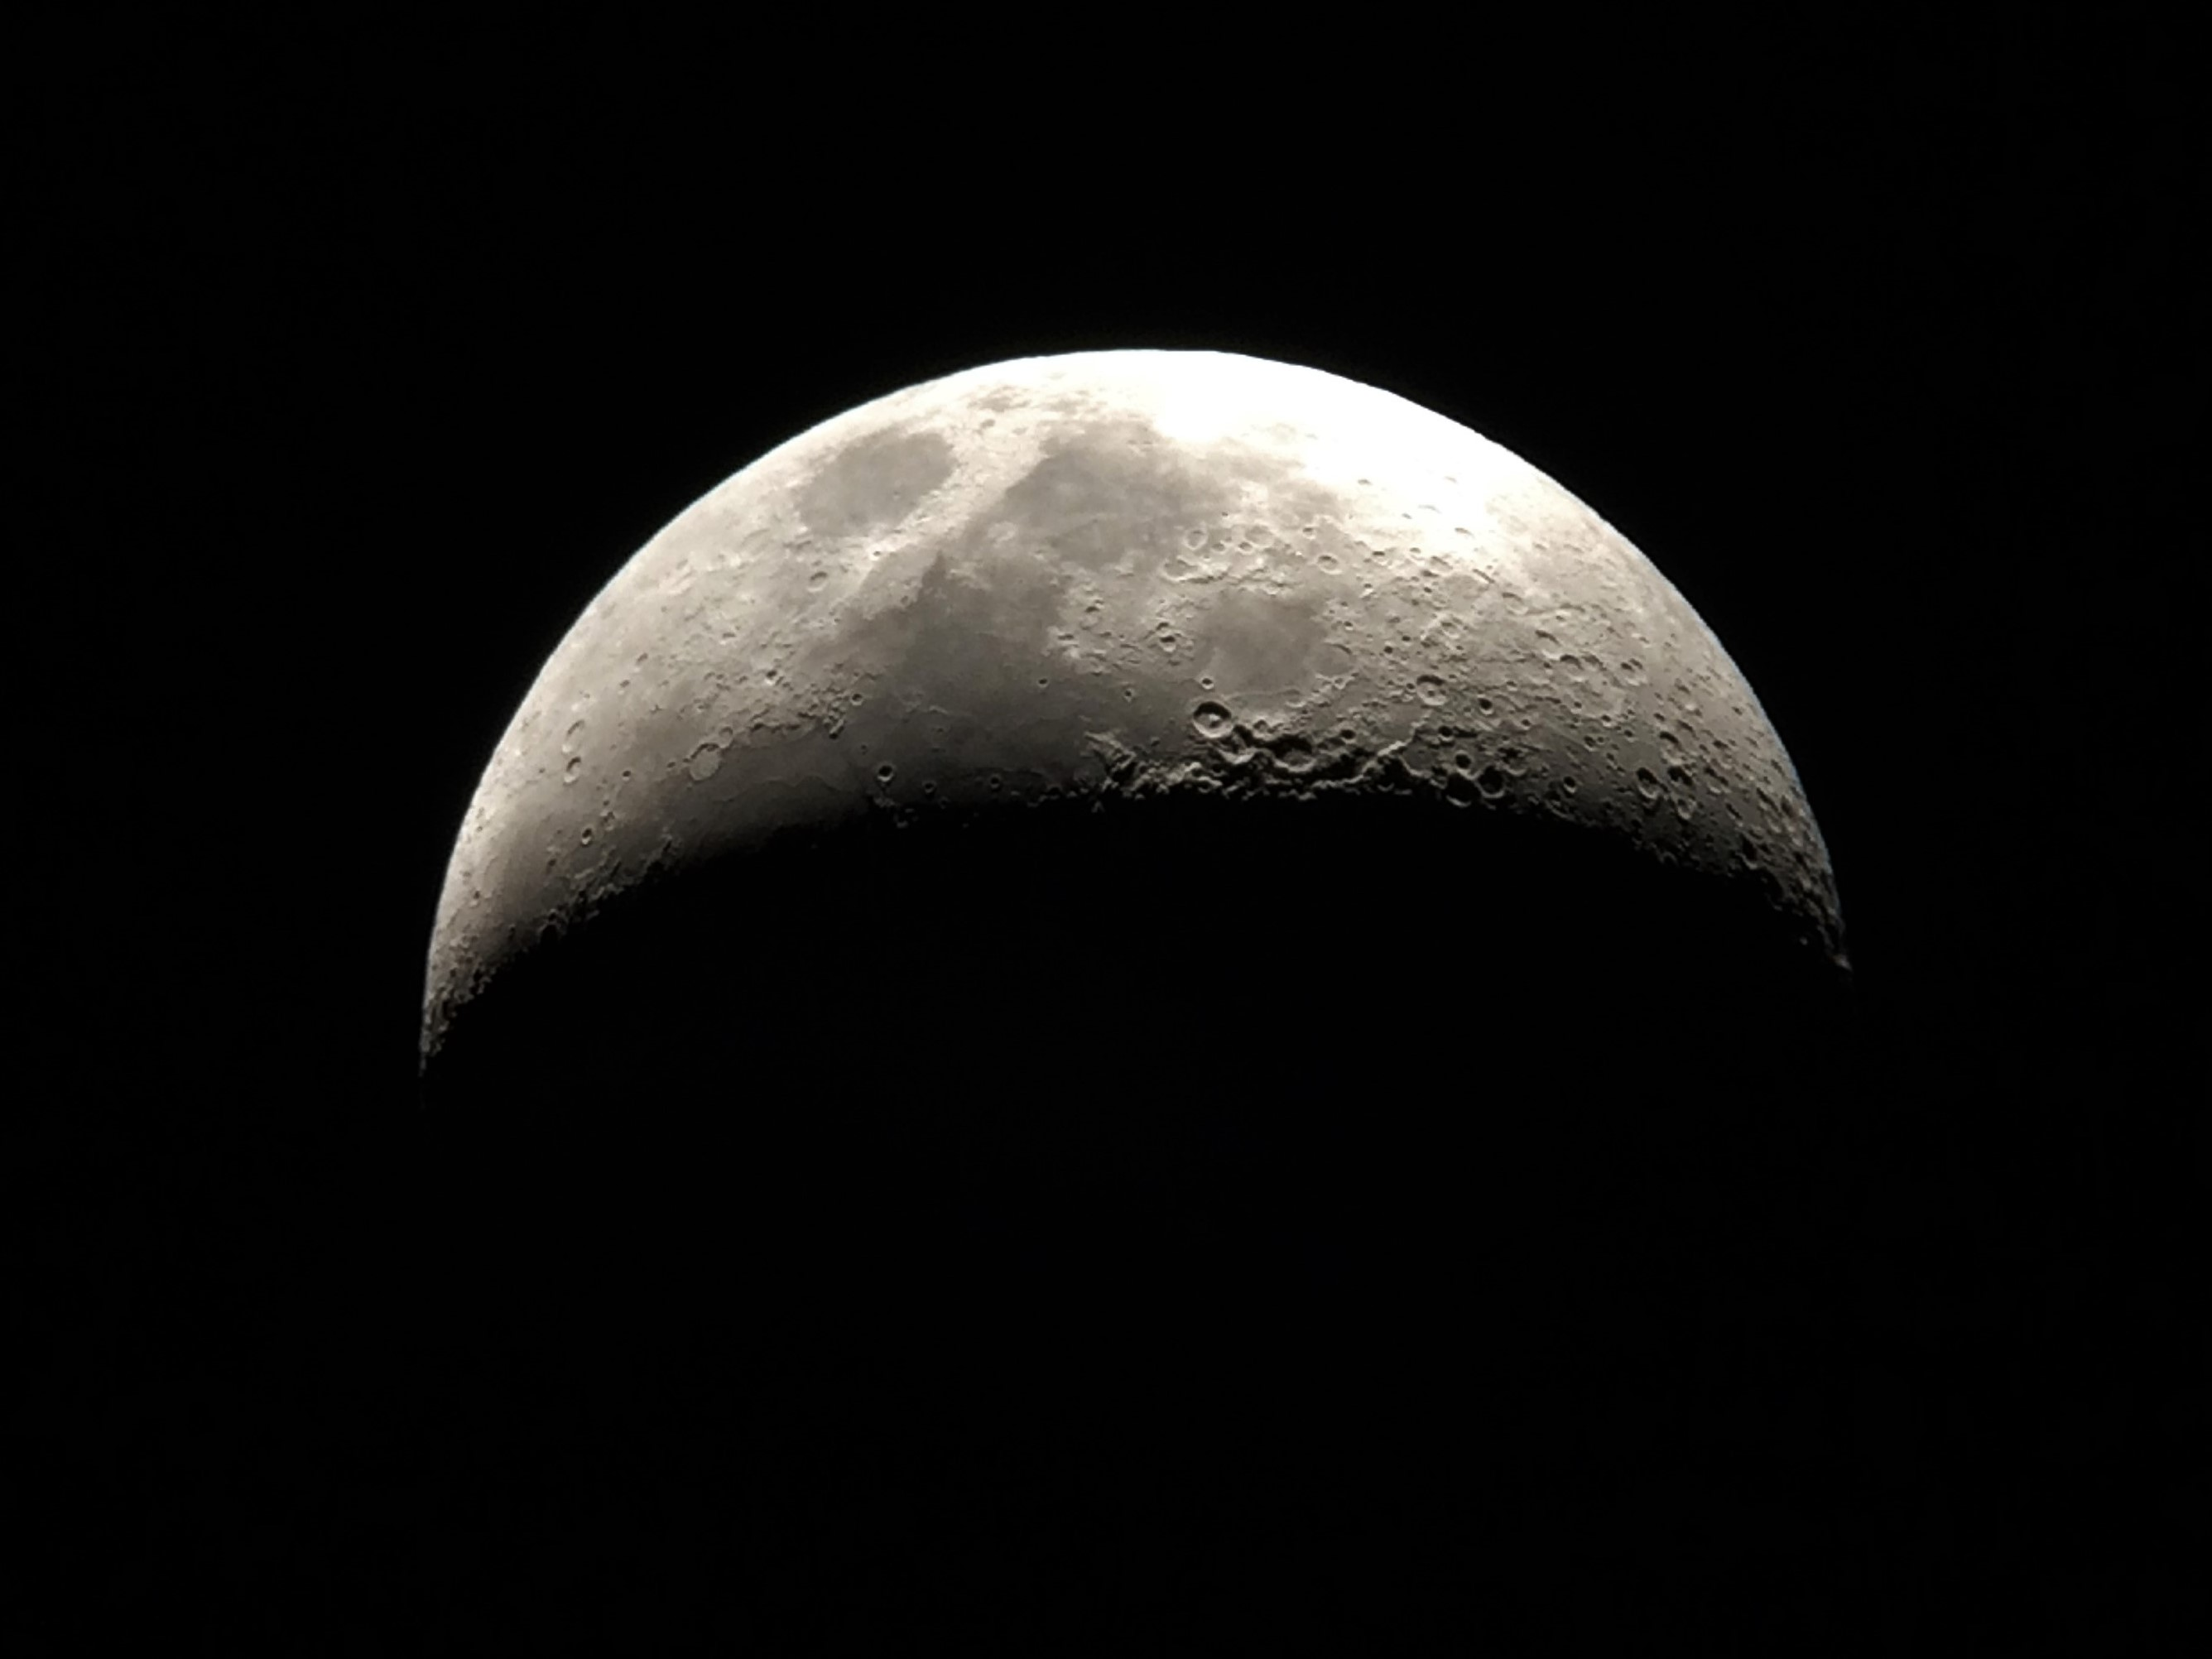 Lua Crescente registrada pelo professor James Solon na observação prática - Escola Paroquial Nossa Senhora de Fátima - 25 de outubro de 2017 - AstroPE.